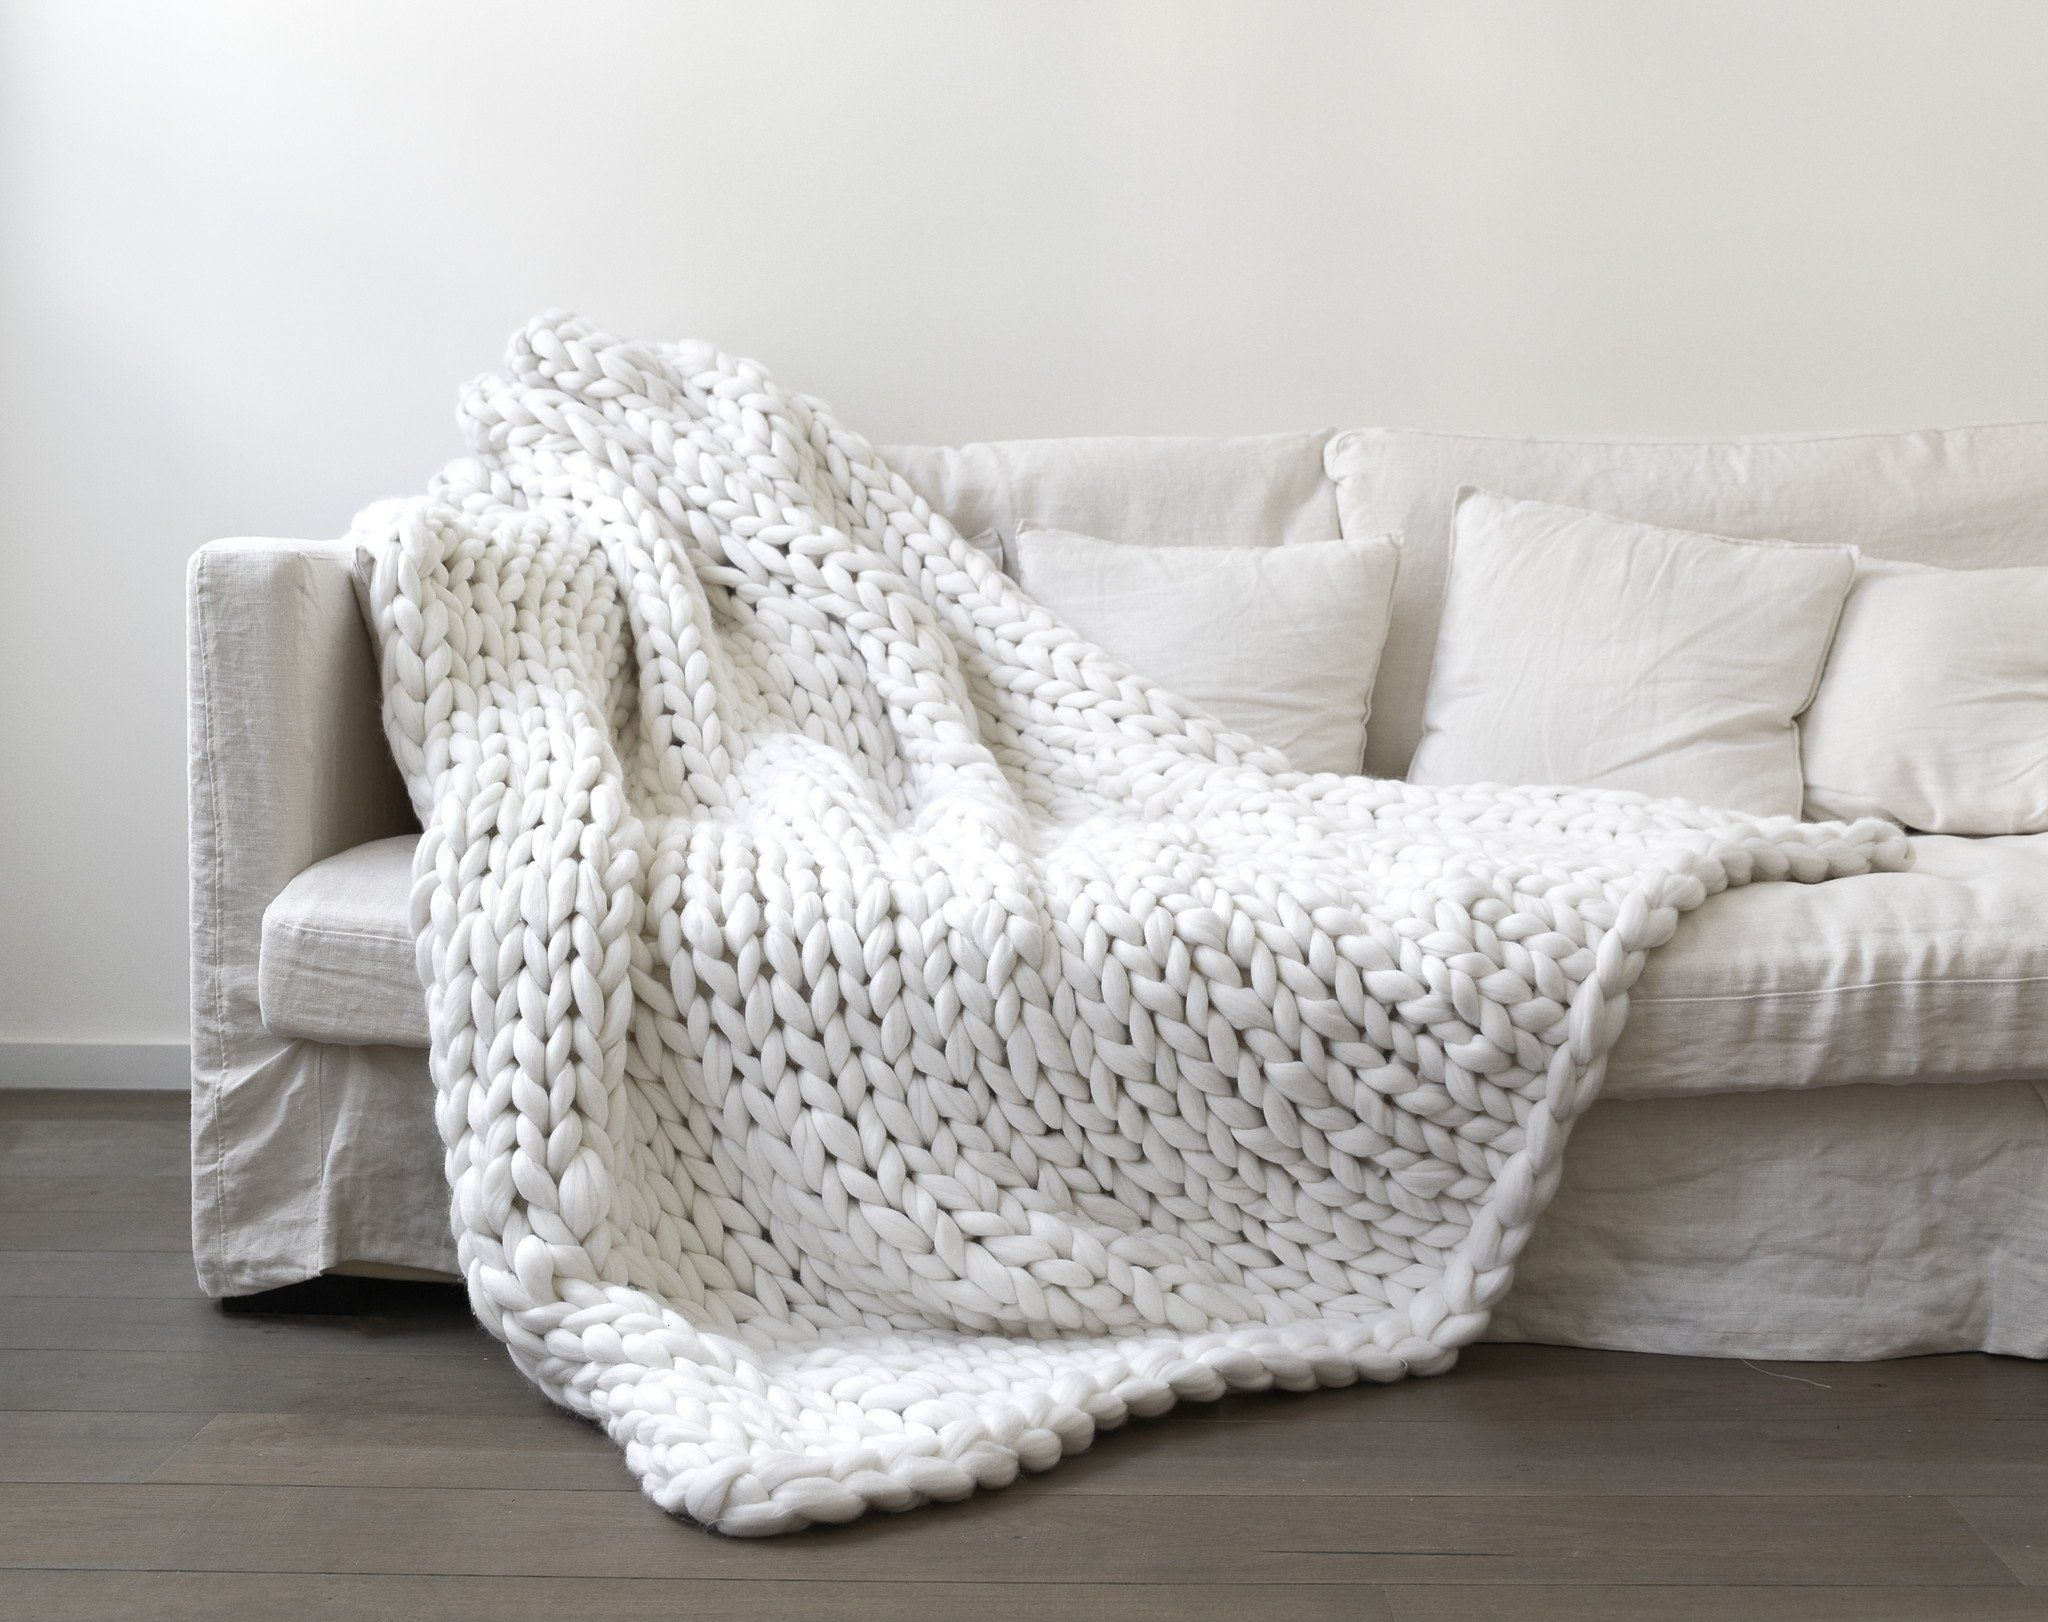 couverture extra large 160 x 200cm en laine 100% mérinos tricotée